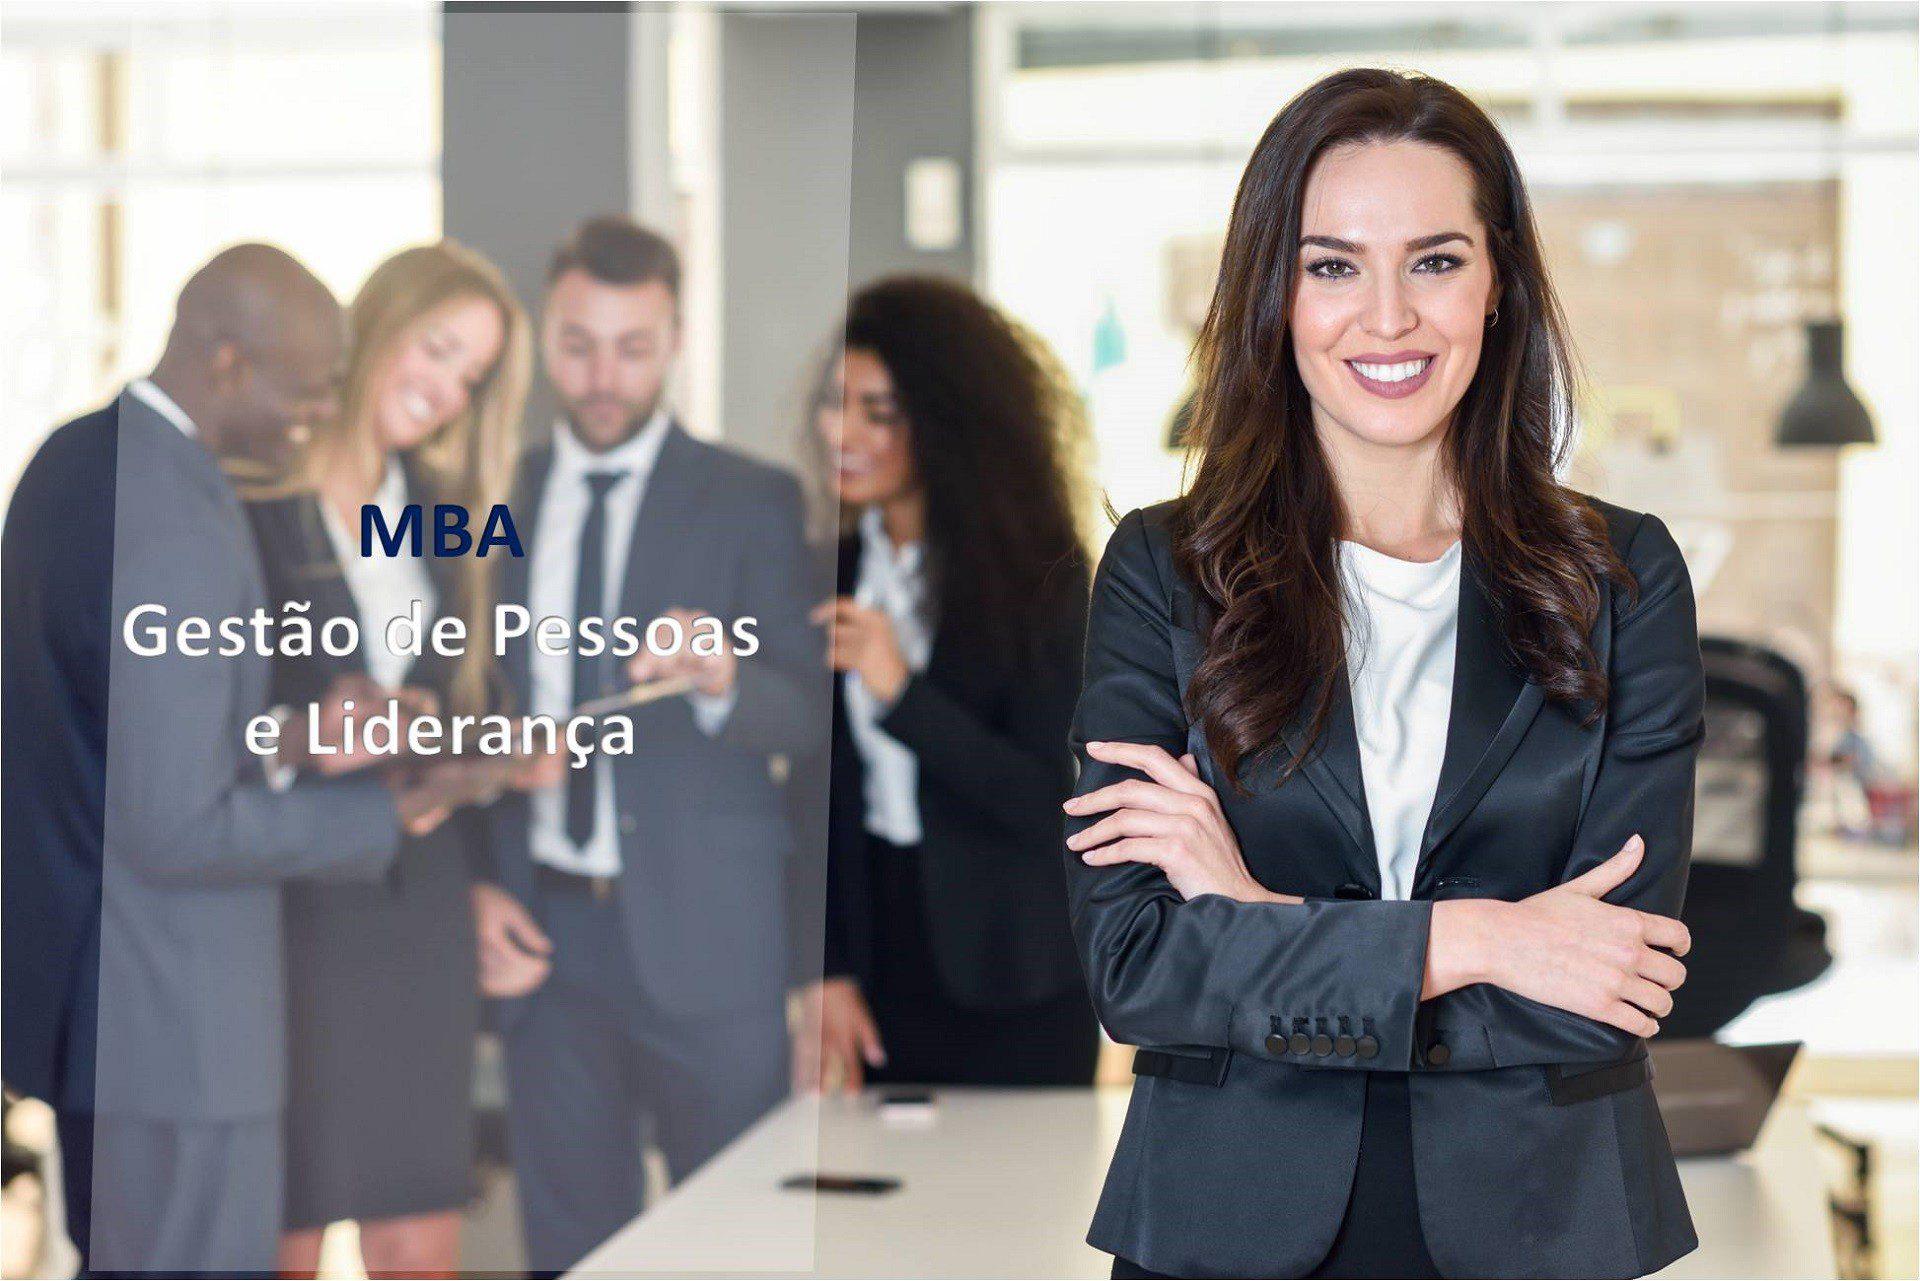 MBA em Gestão de Pessoas e Liderança